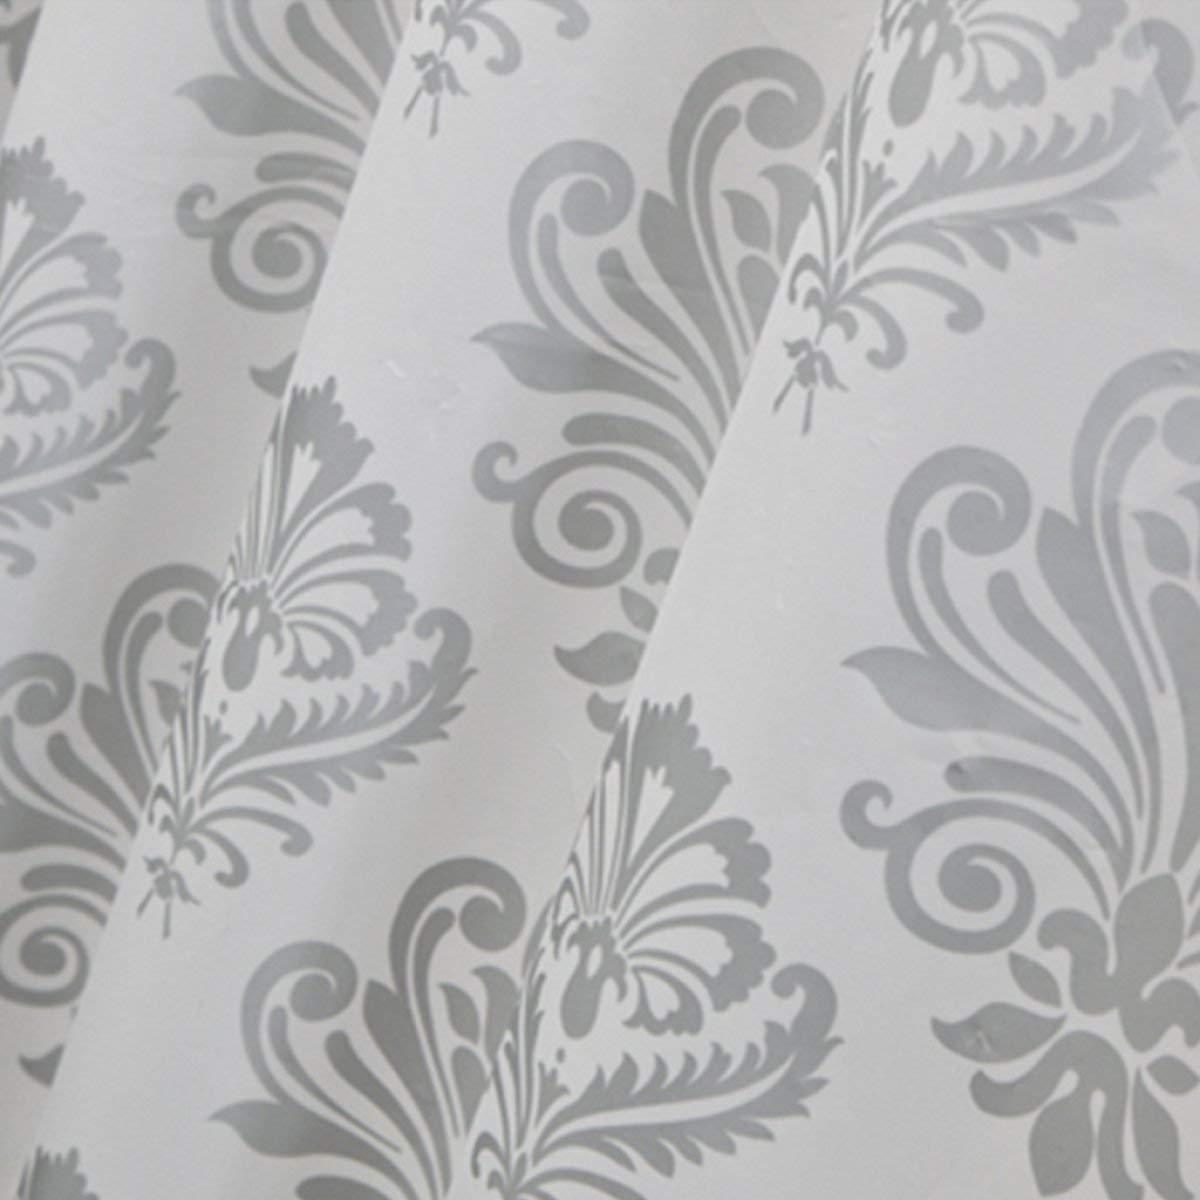 Der European Pastoral Style Foggy Translucent Matt Thickening EVA Bathroom Free Punching Shower Curtain Waterproof and Mildew Bathroom Accessories (Size : 180cm180cm) by Der (Image #4)